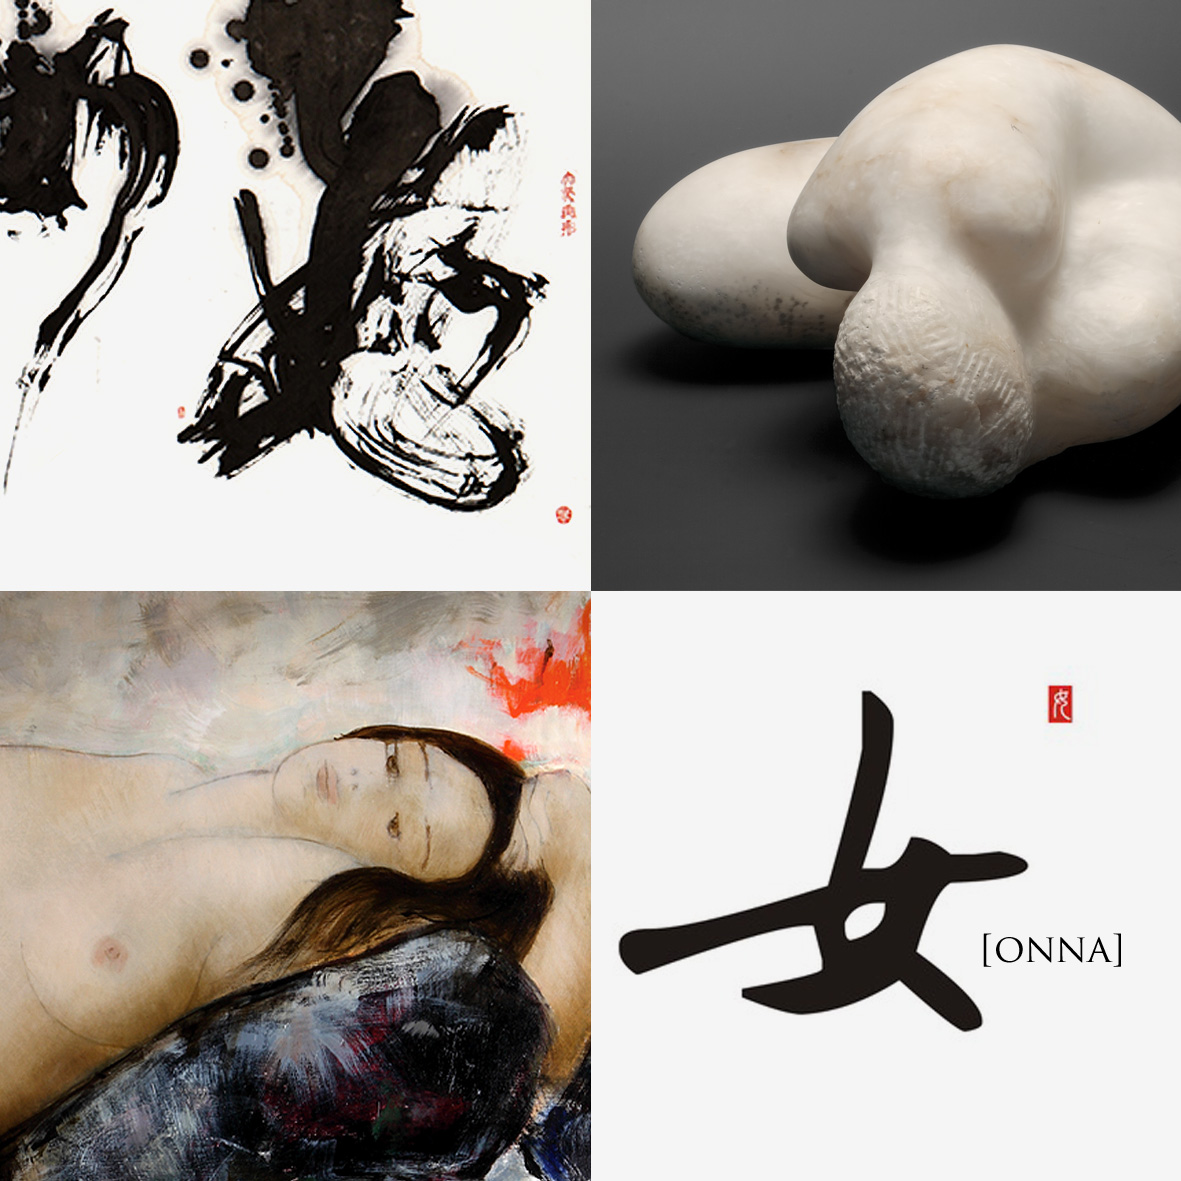 女[ONNA] art exhibition - volterra - pignano